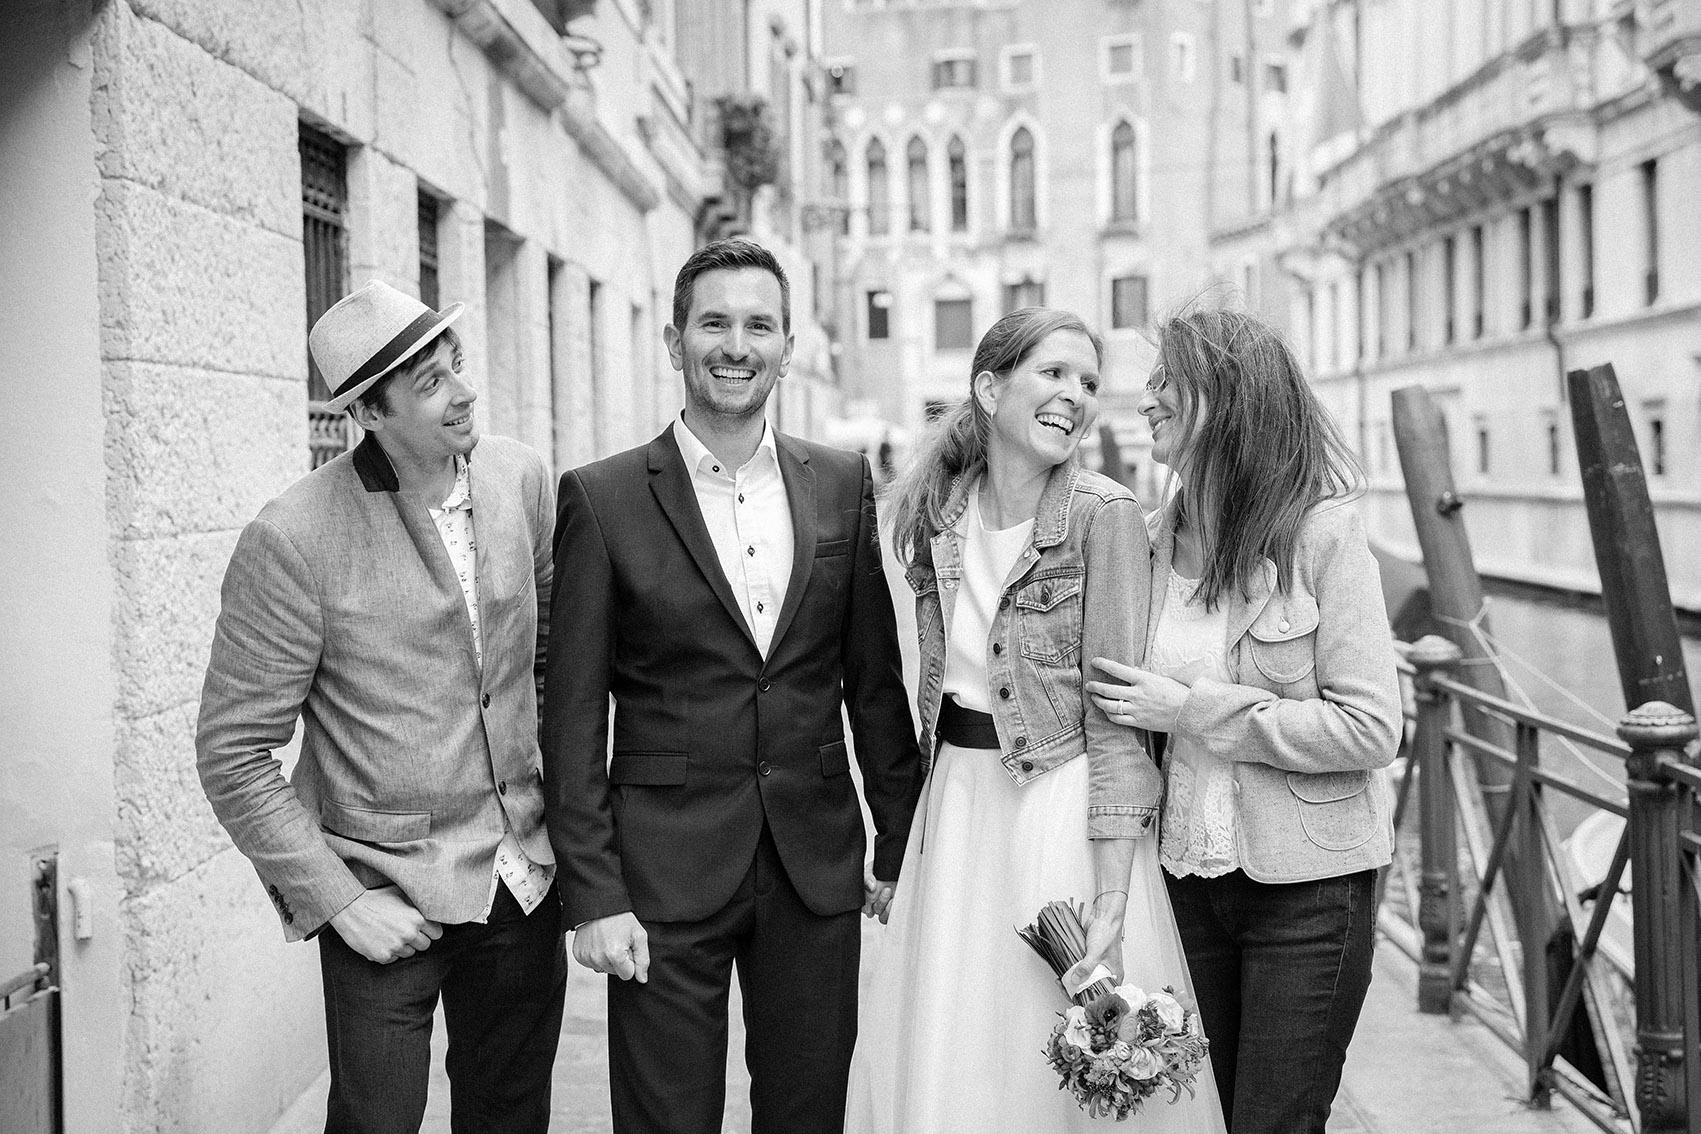 Hochzeitsfotograf Wien, Fotograf Hochzeit Wien